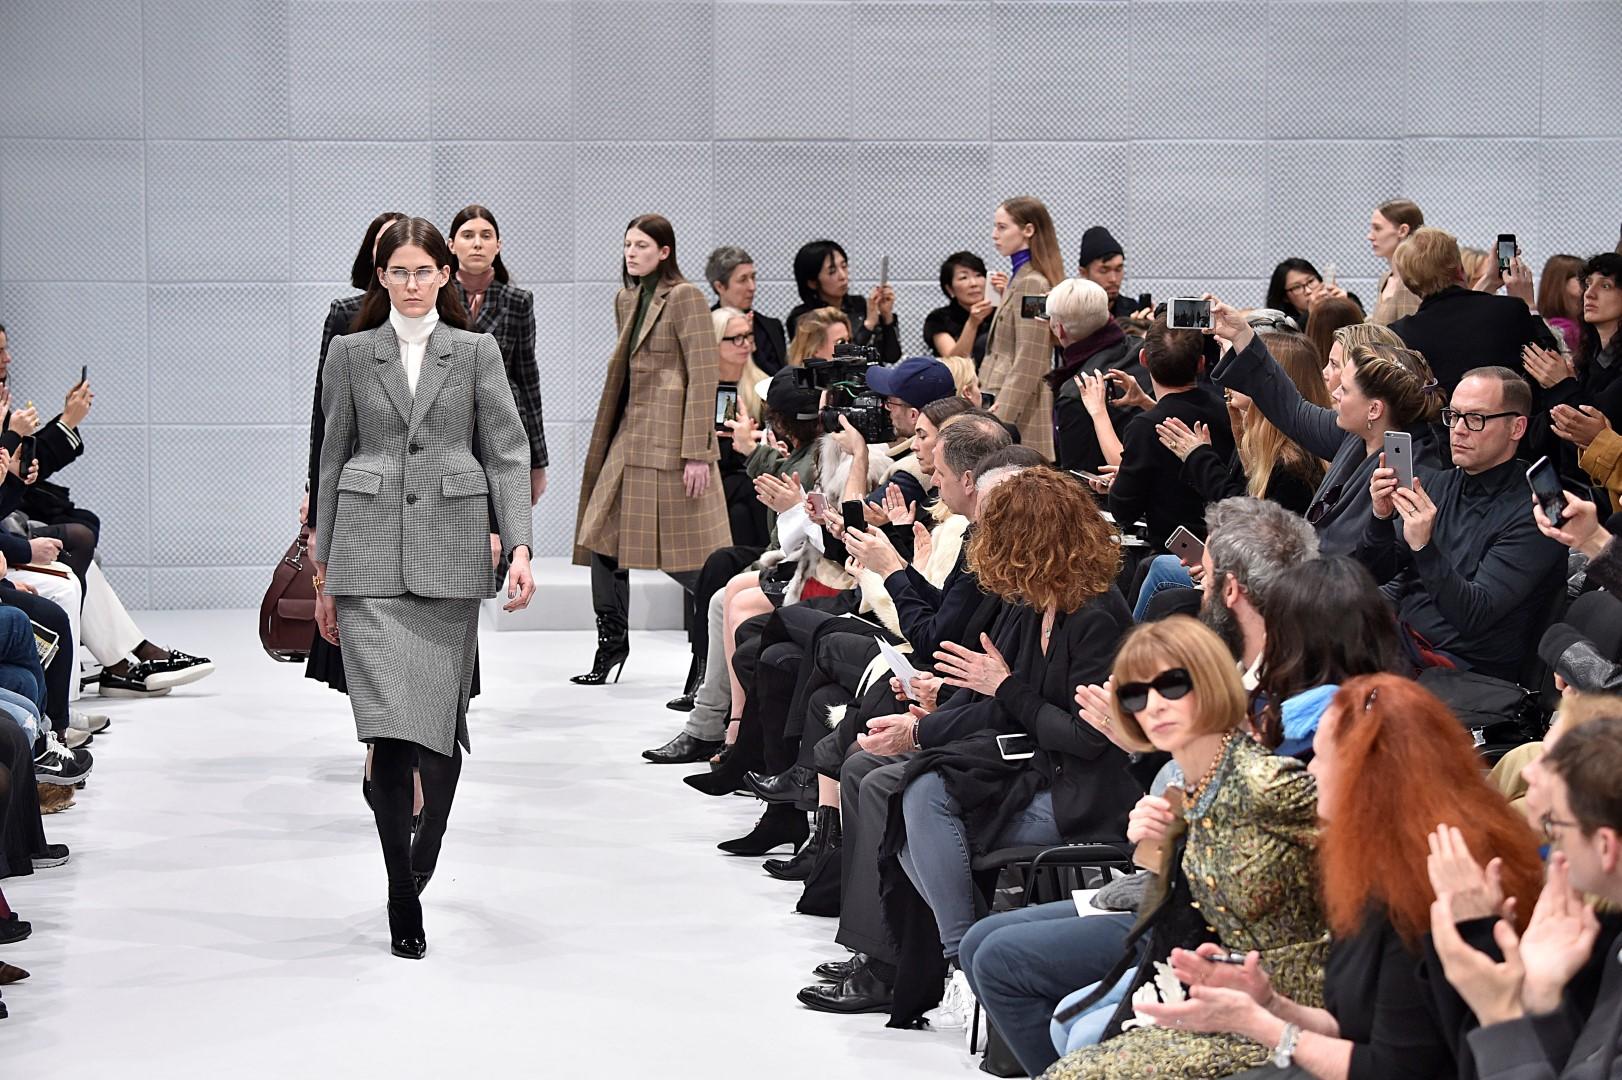 le mostre di moda da non perdere nel 2017 in italia e nel